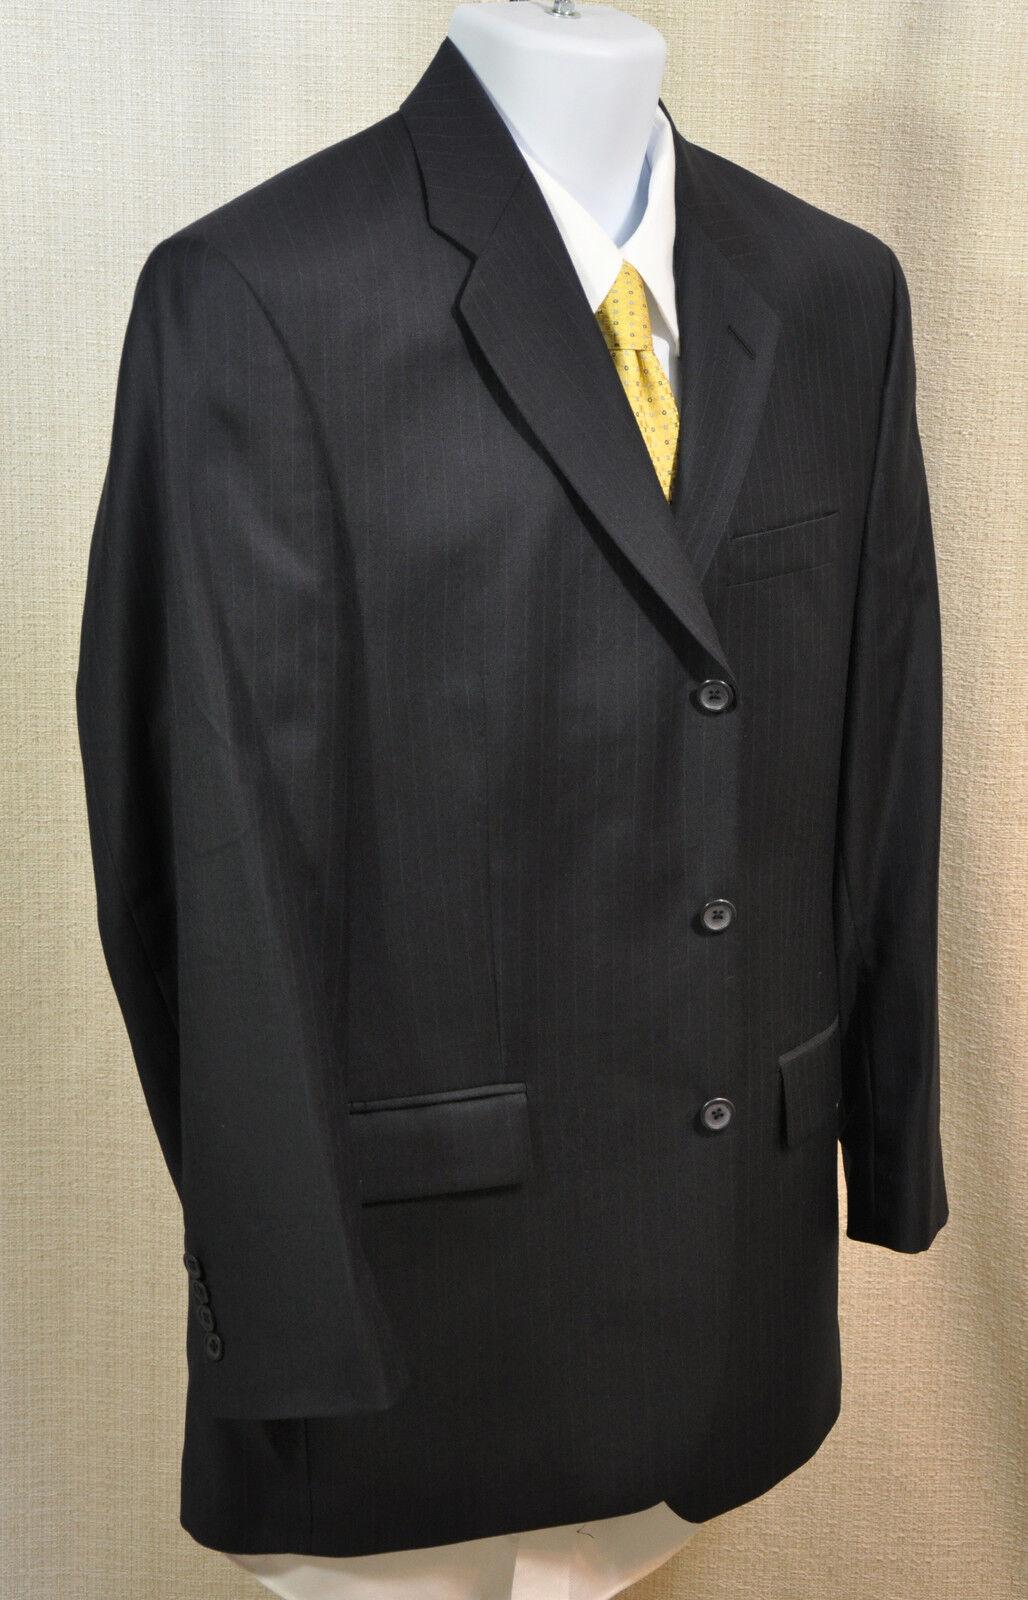 Mint   Alfani (macy's) Men's Suit - bluee Pinstripe - 40R - Excellent